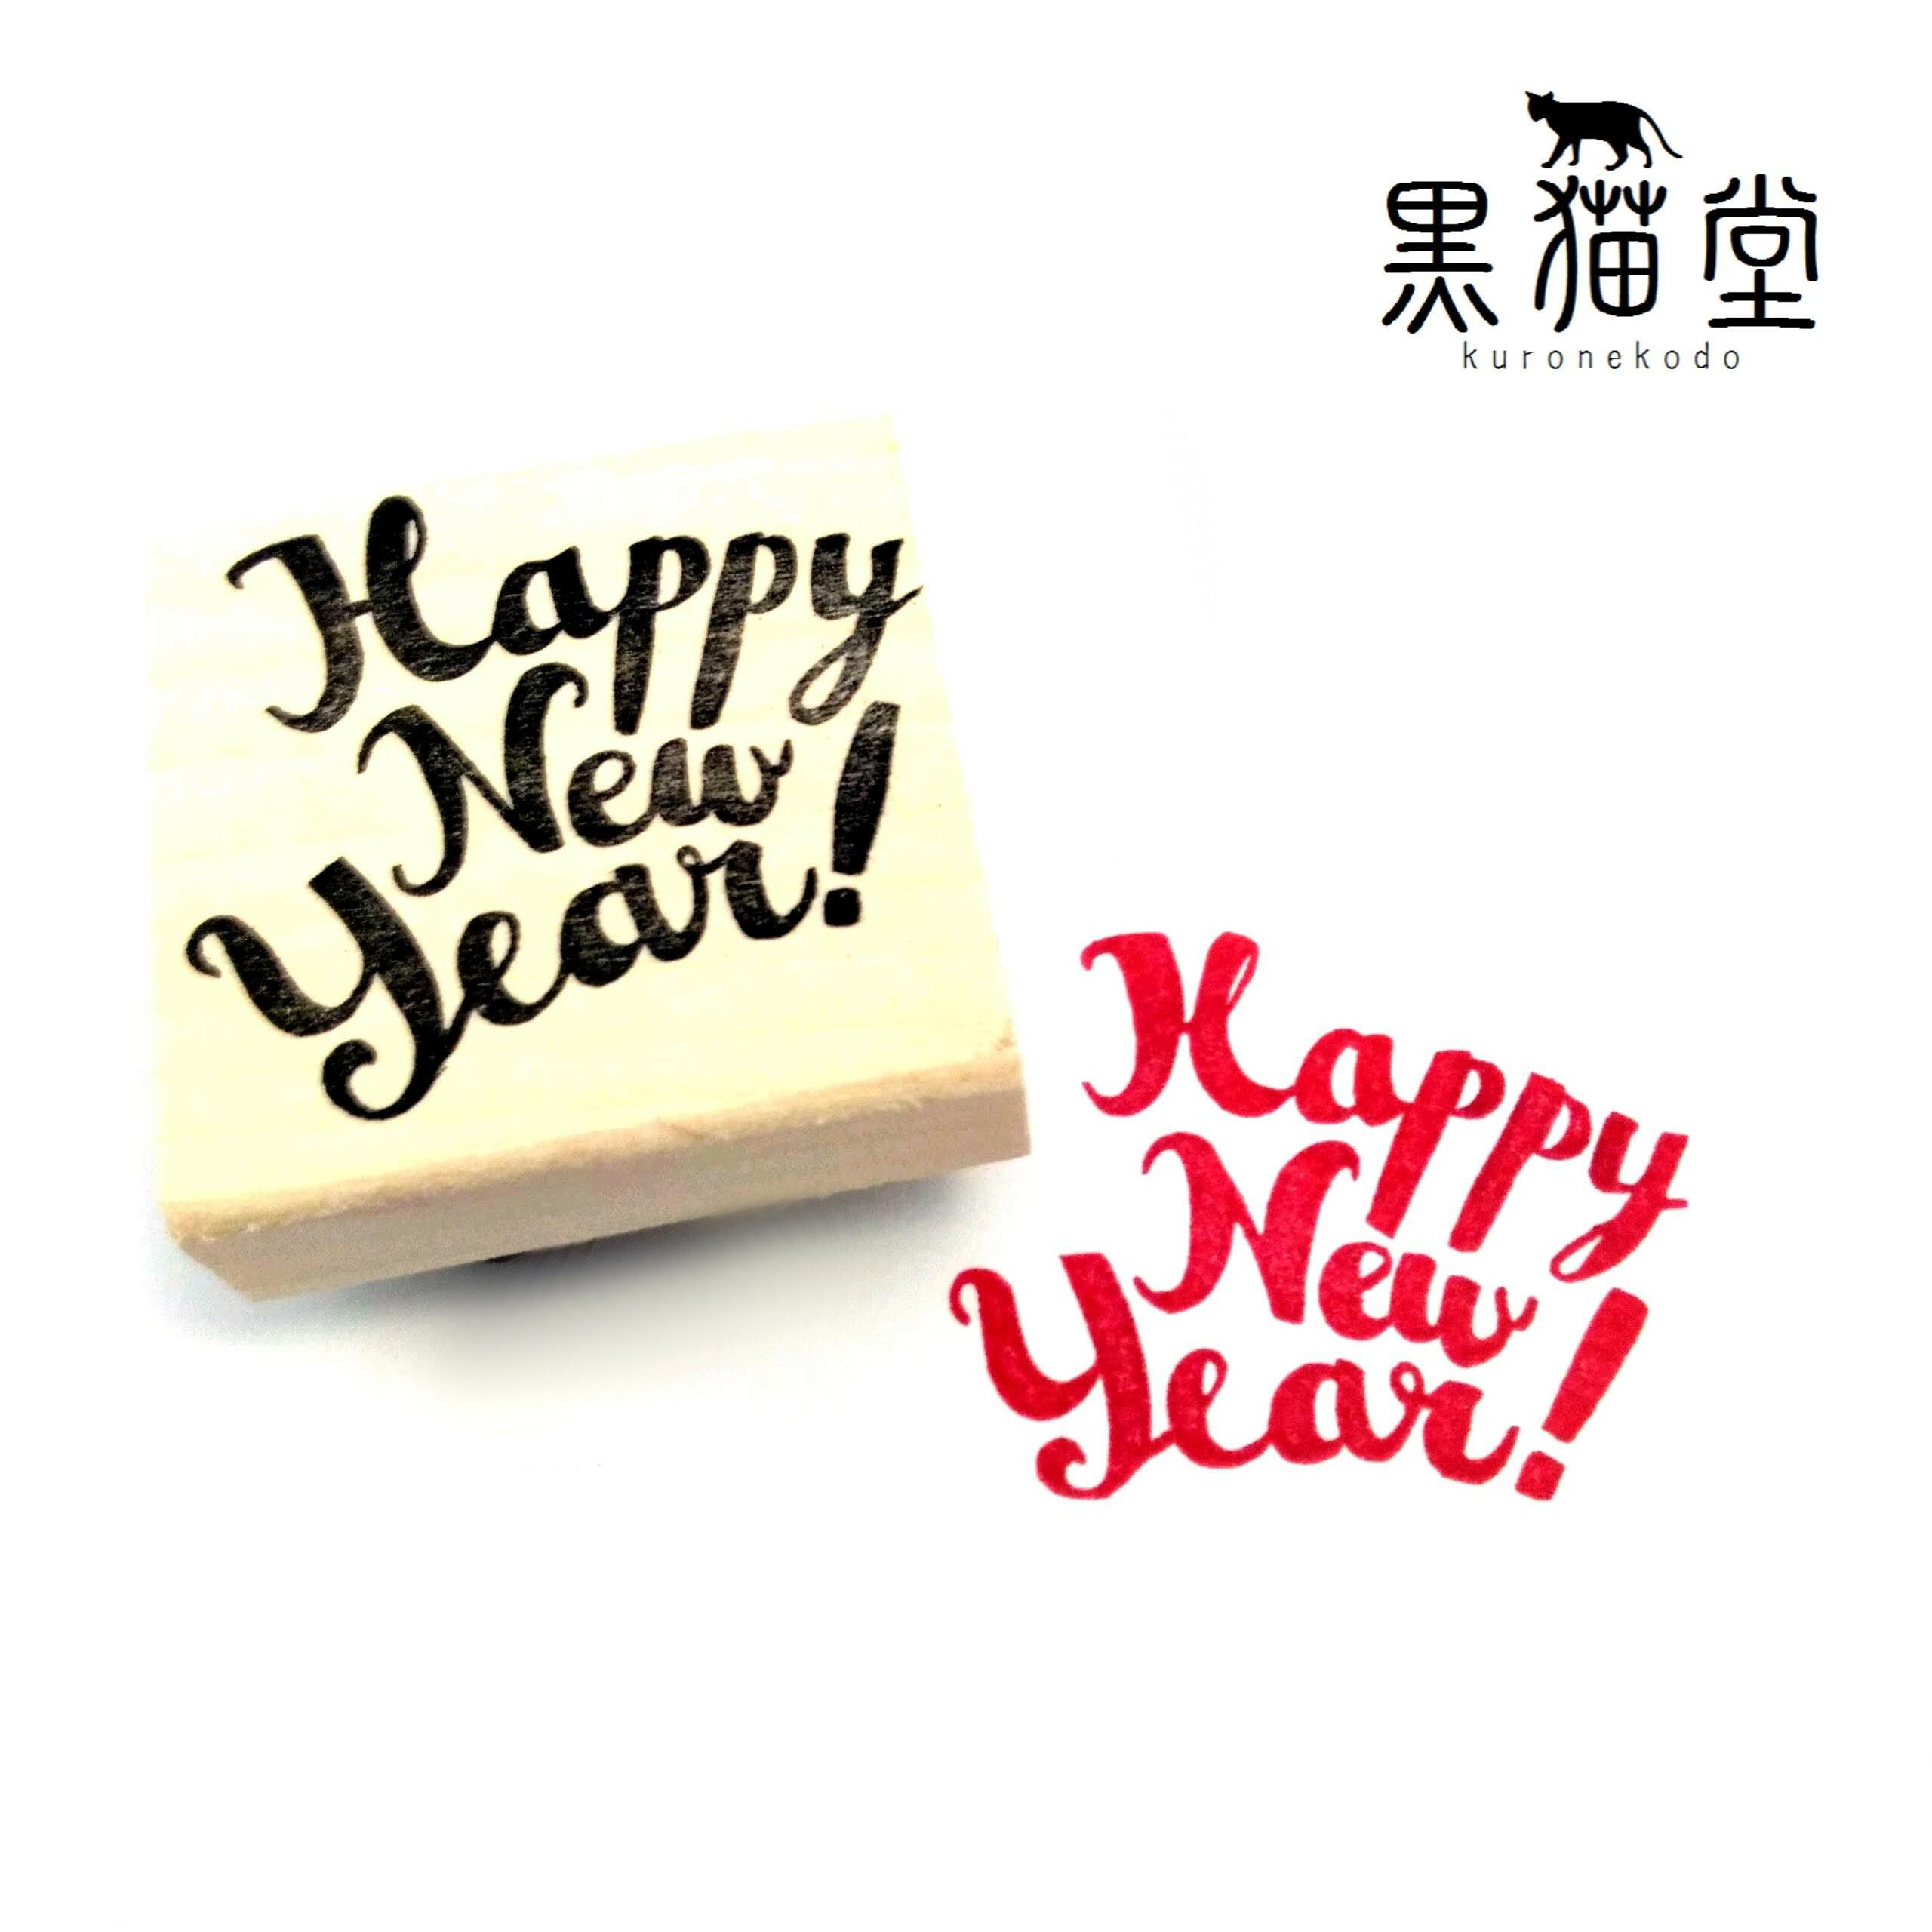 手書き風「HAPPY NEW YEAR!」